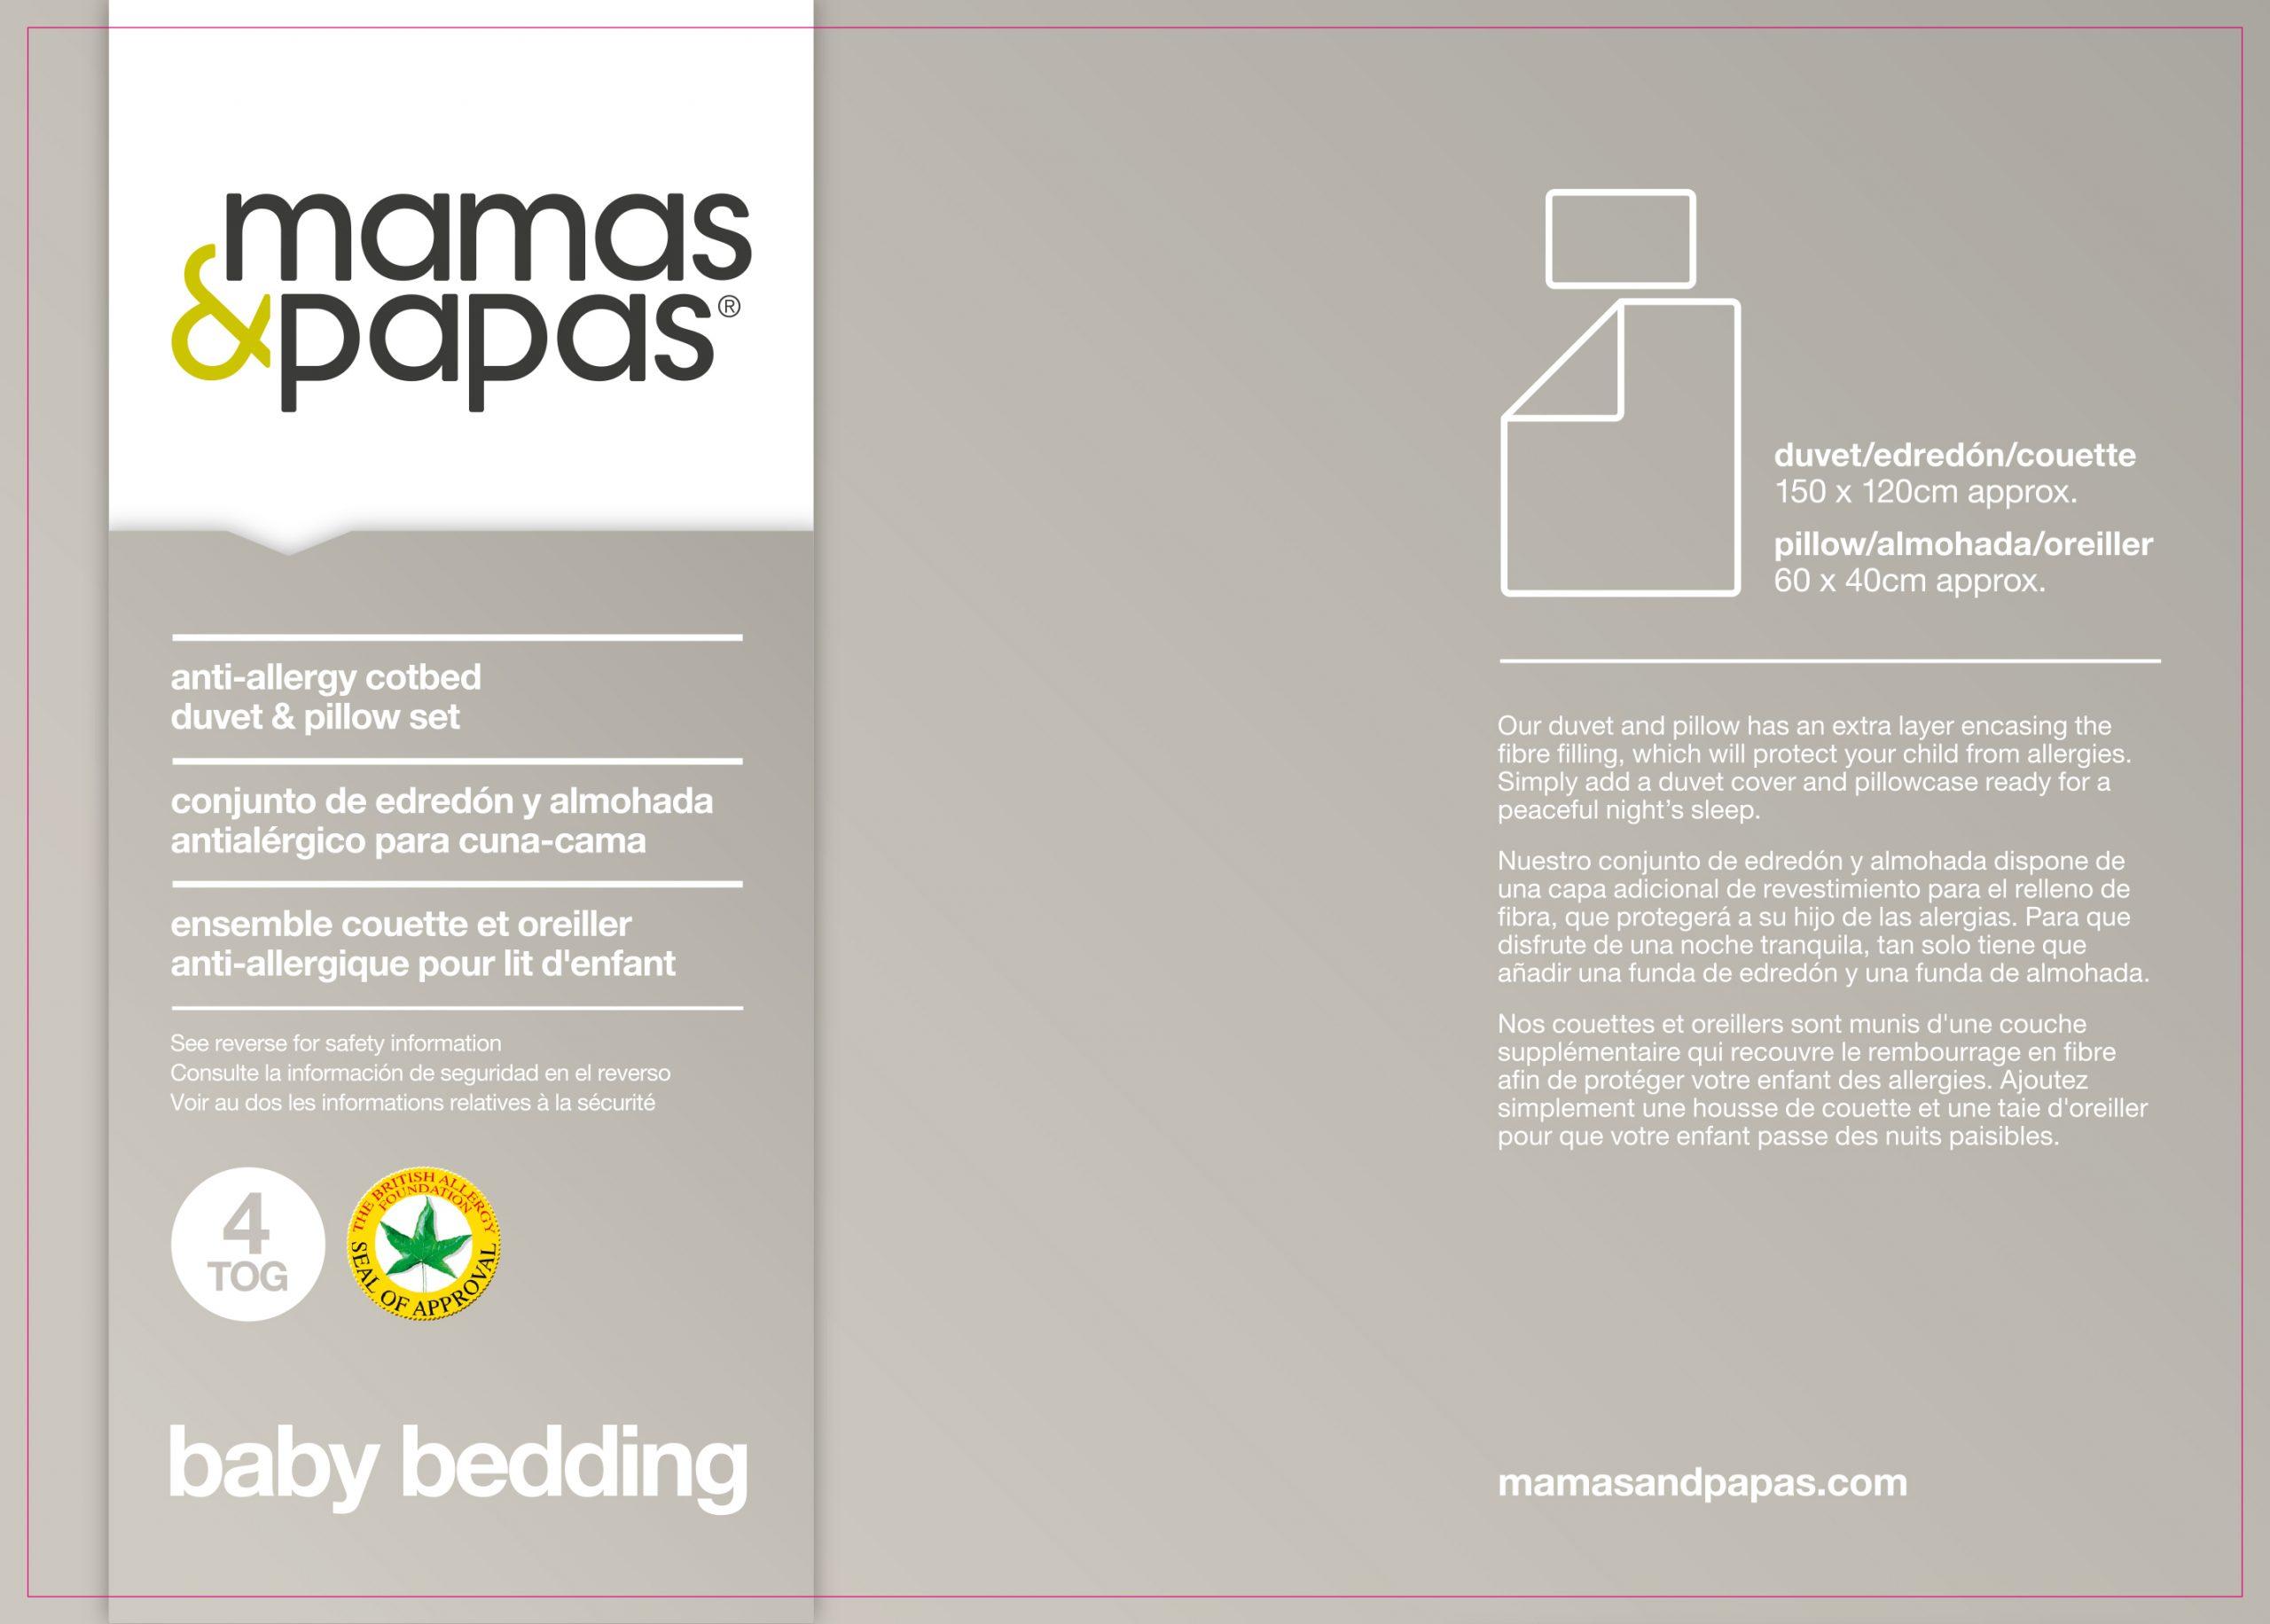 Mamas & Papas Anti-Allergy Bedding Using GS4 Fabric